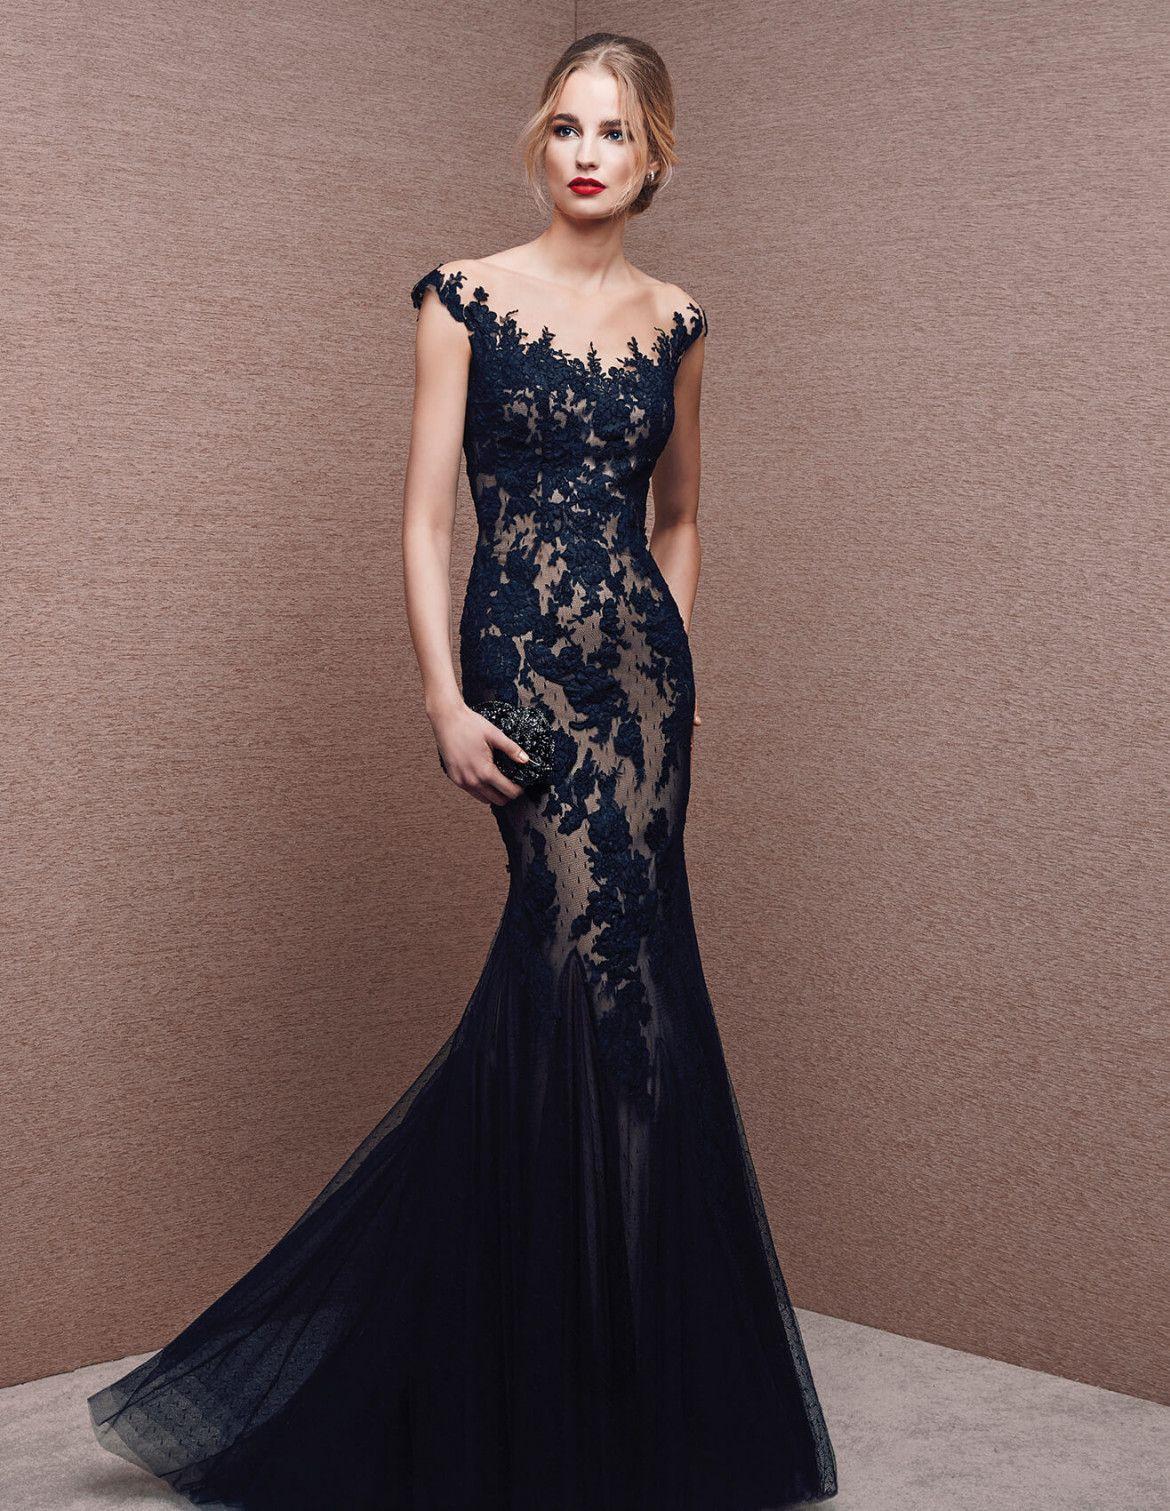 Schön Extravagante Abendkleider Design - Abendkleid